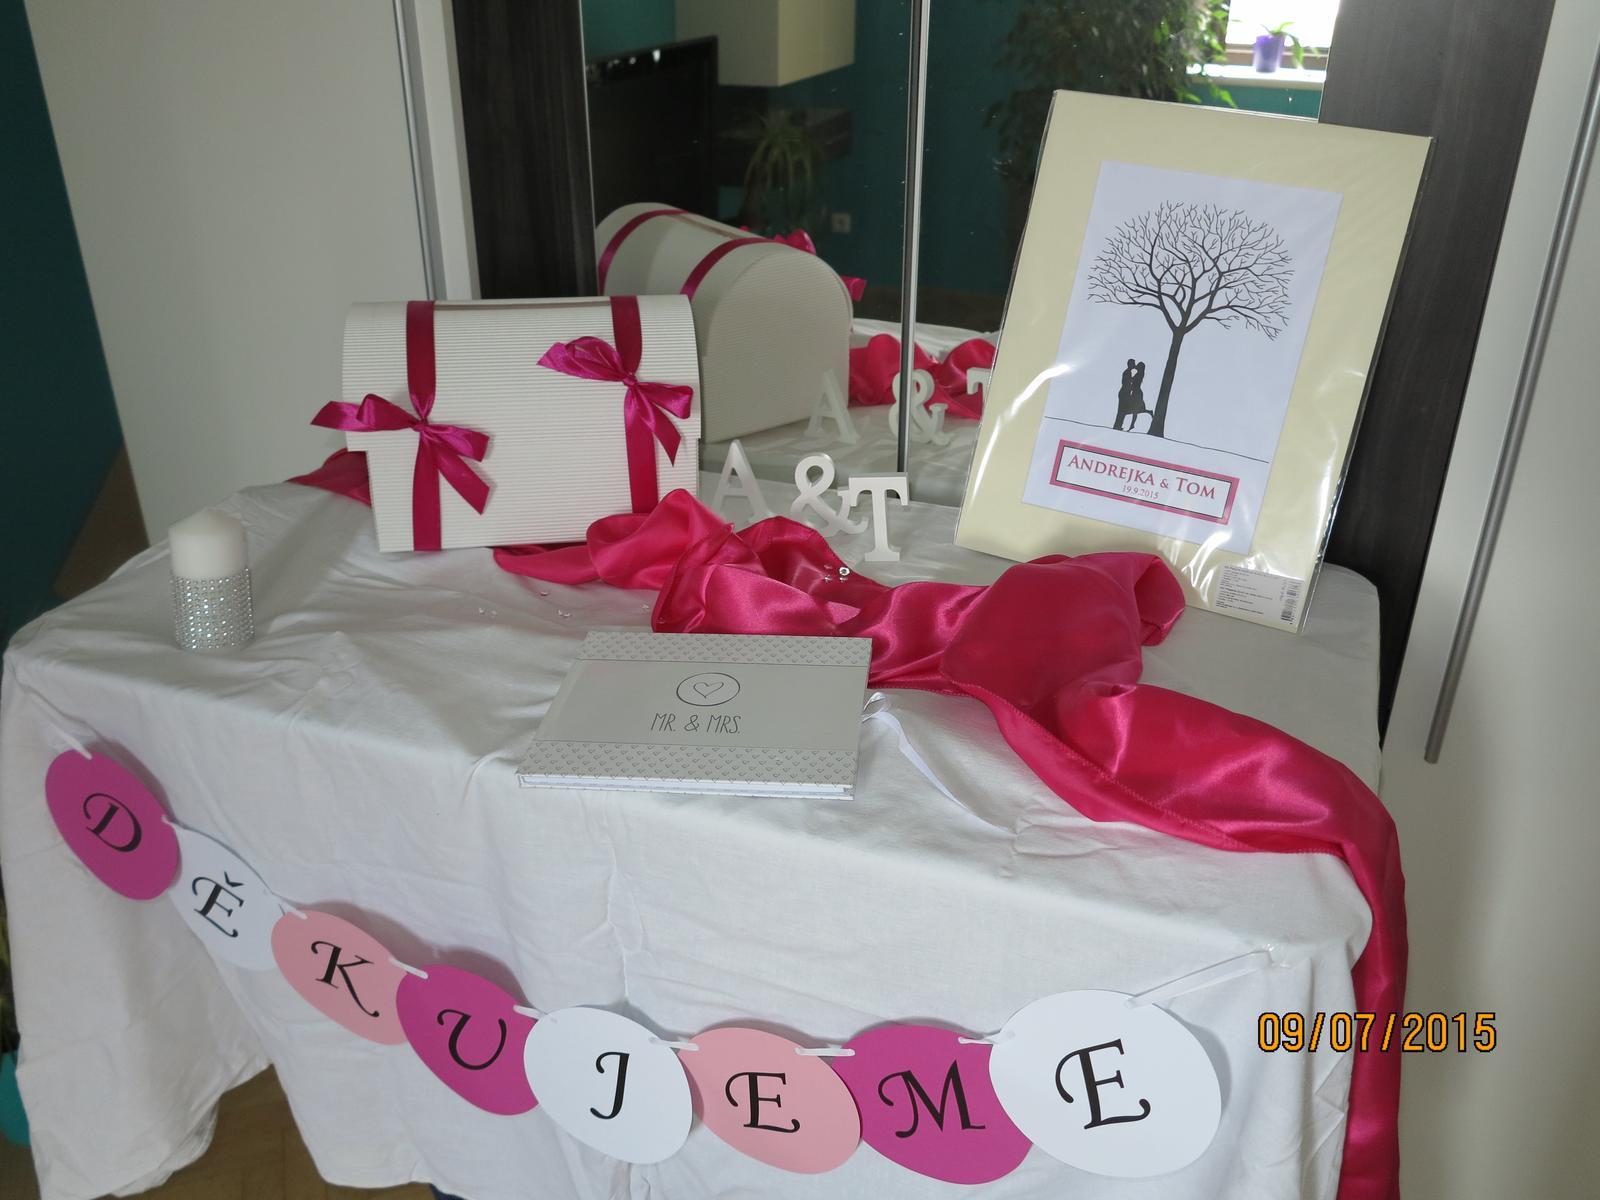 Co už máme :) - sušák mi posloužil k výstavě děkovného stolku s knihou hostů, svatebním stromem a truhlou na přání :)